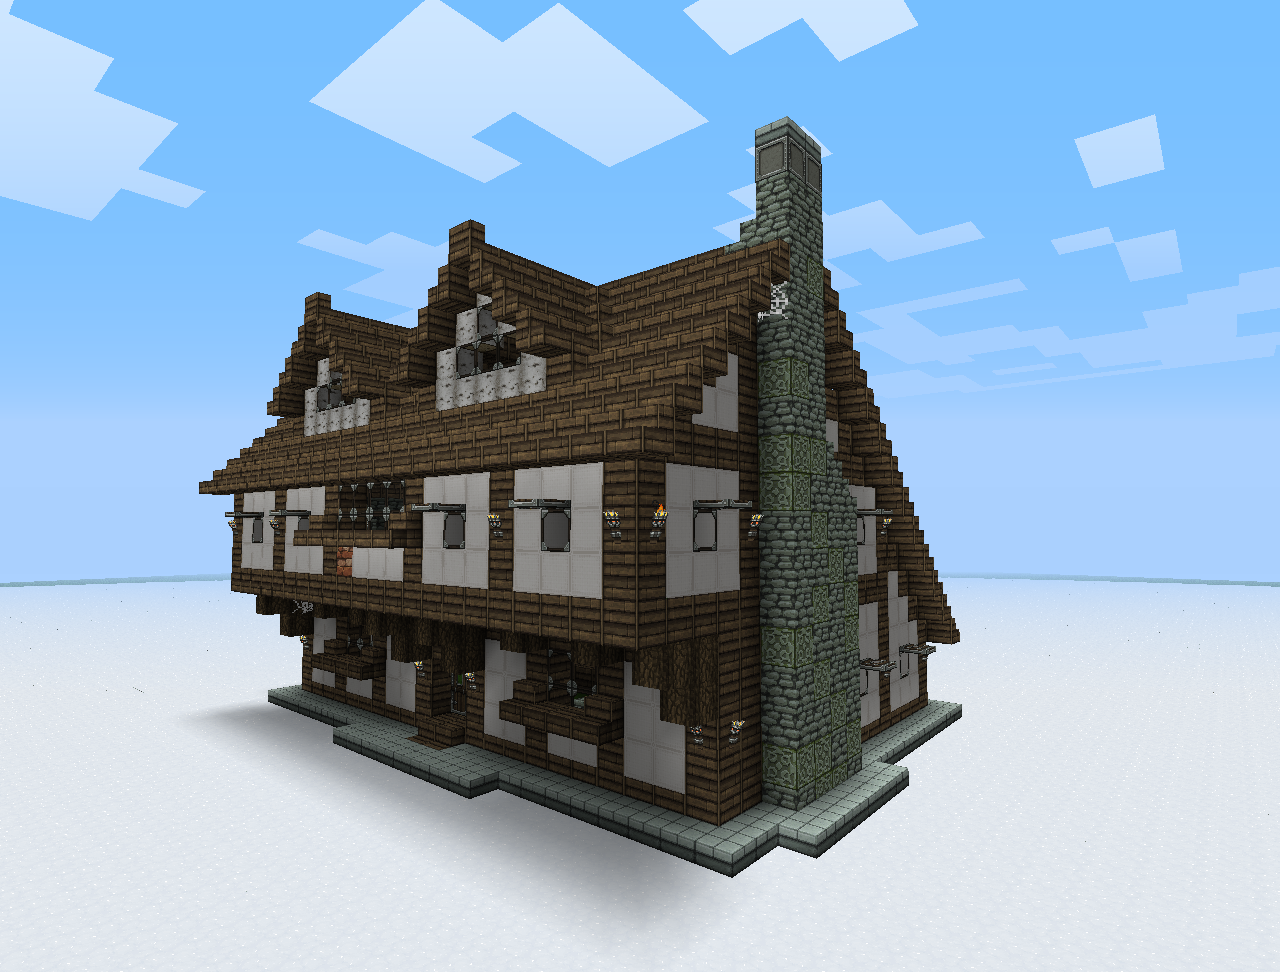 Medieval Maison Minecraft Jeux De Construction Et